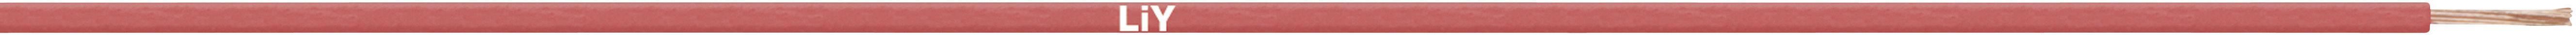 Opletenie / lanko LappKabel 4125007S LiY, 1 x 0.14 mm², vonkajší Ø 1.10 mm, metrový tovar, fialová